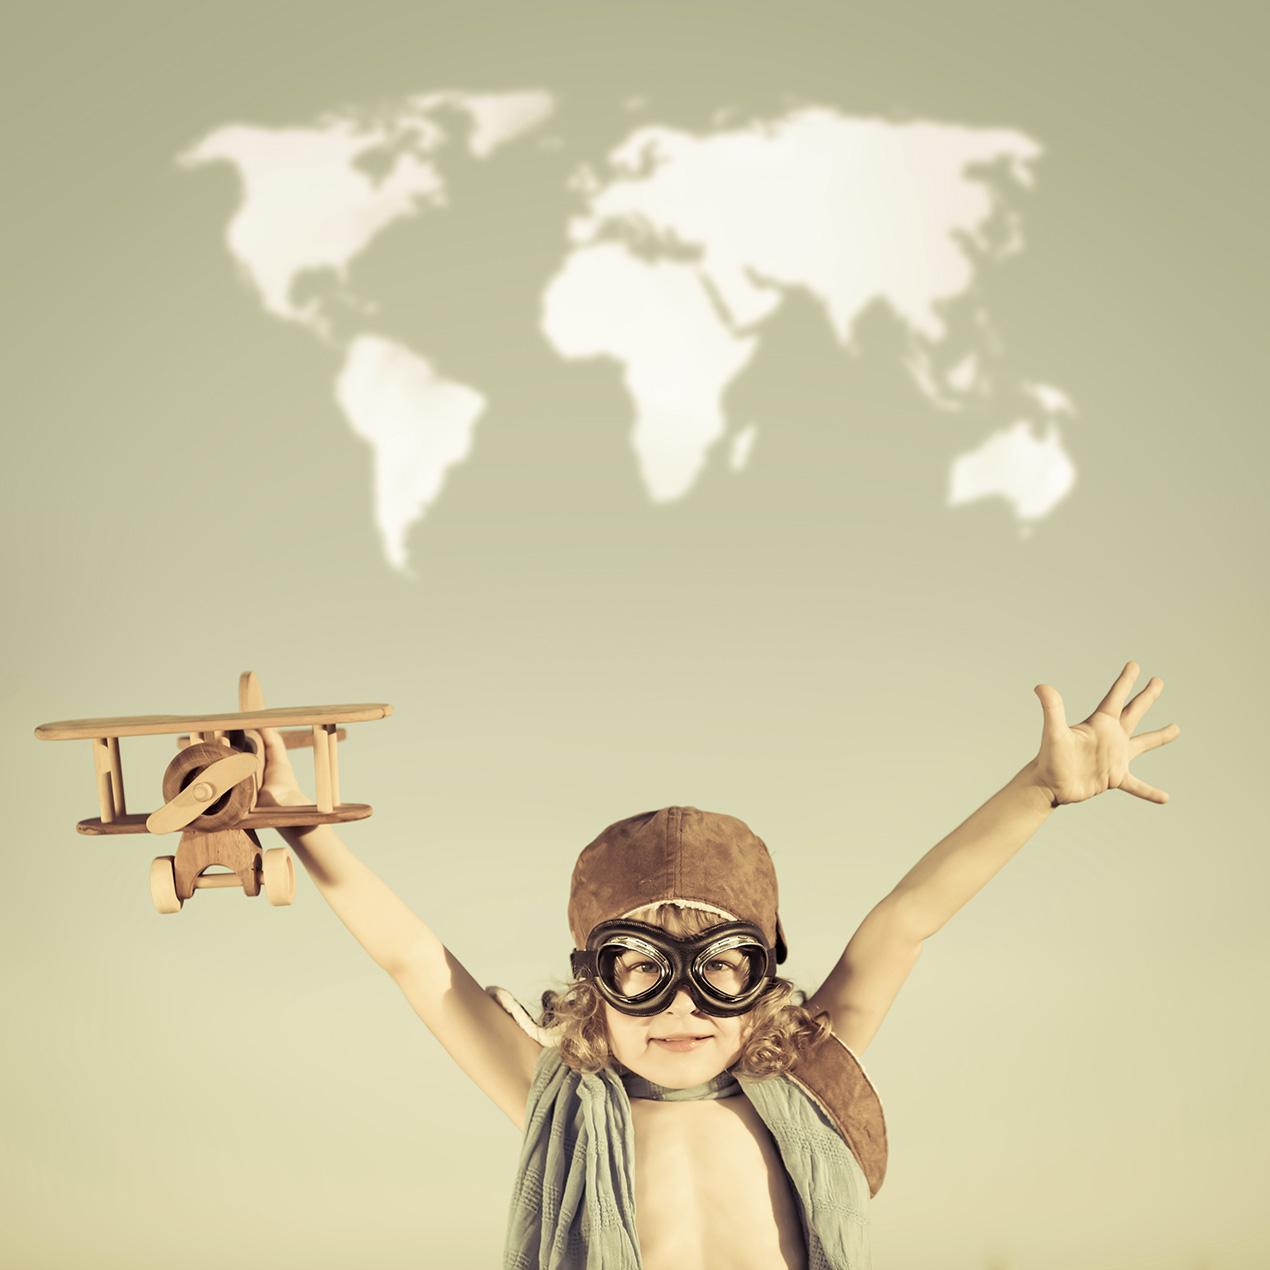 Por um mundo com mini viajantes melhores [crédito: Thinkstock]